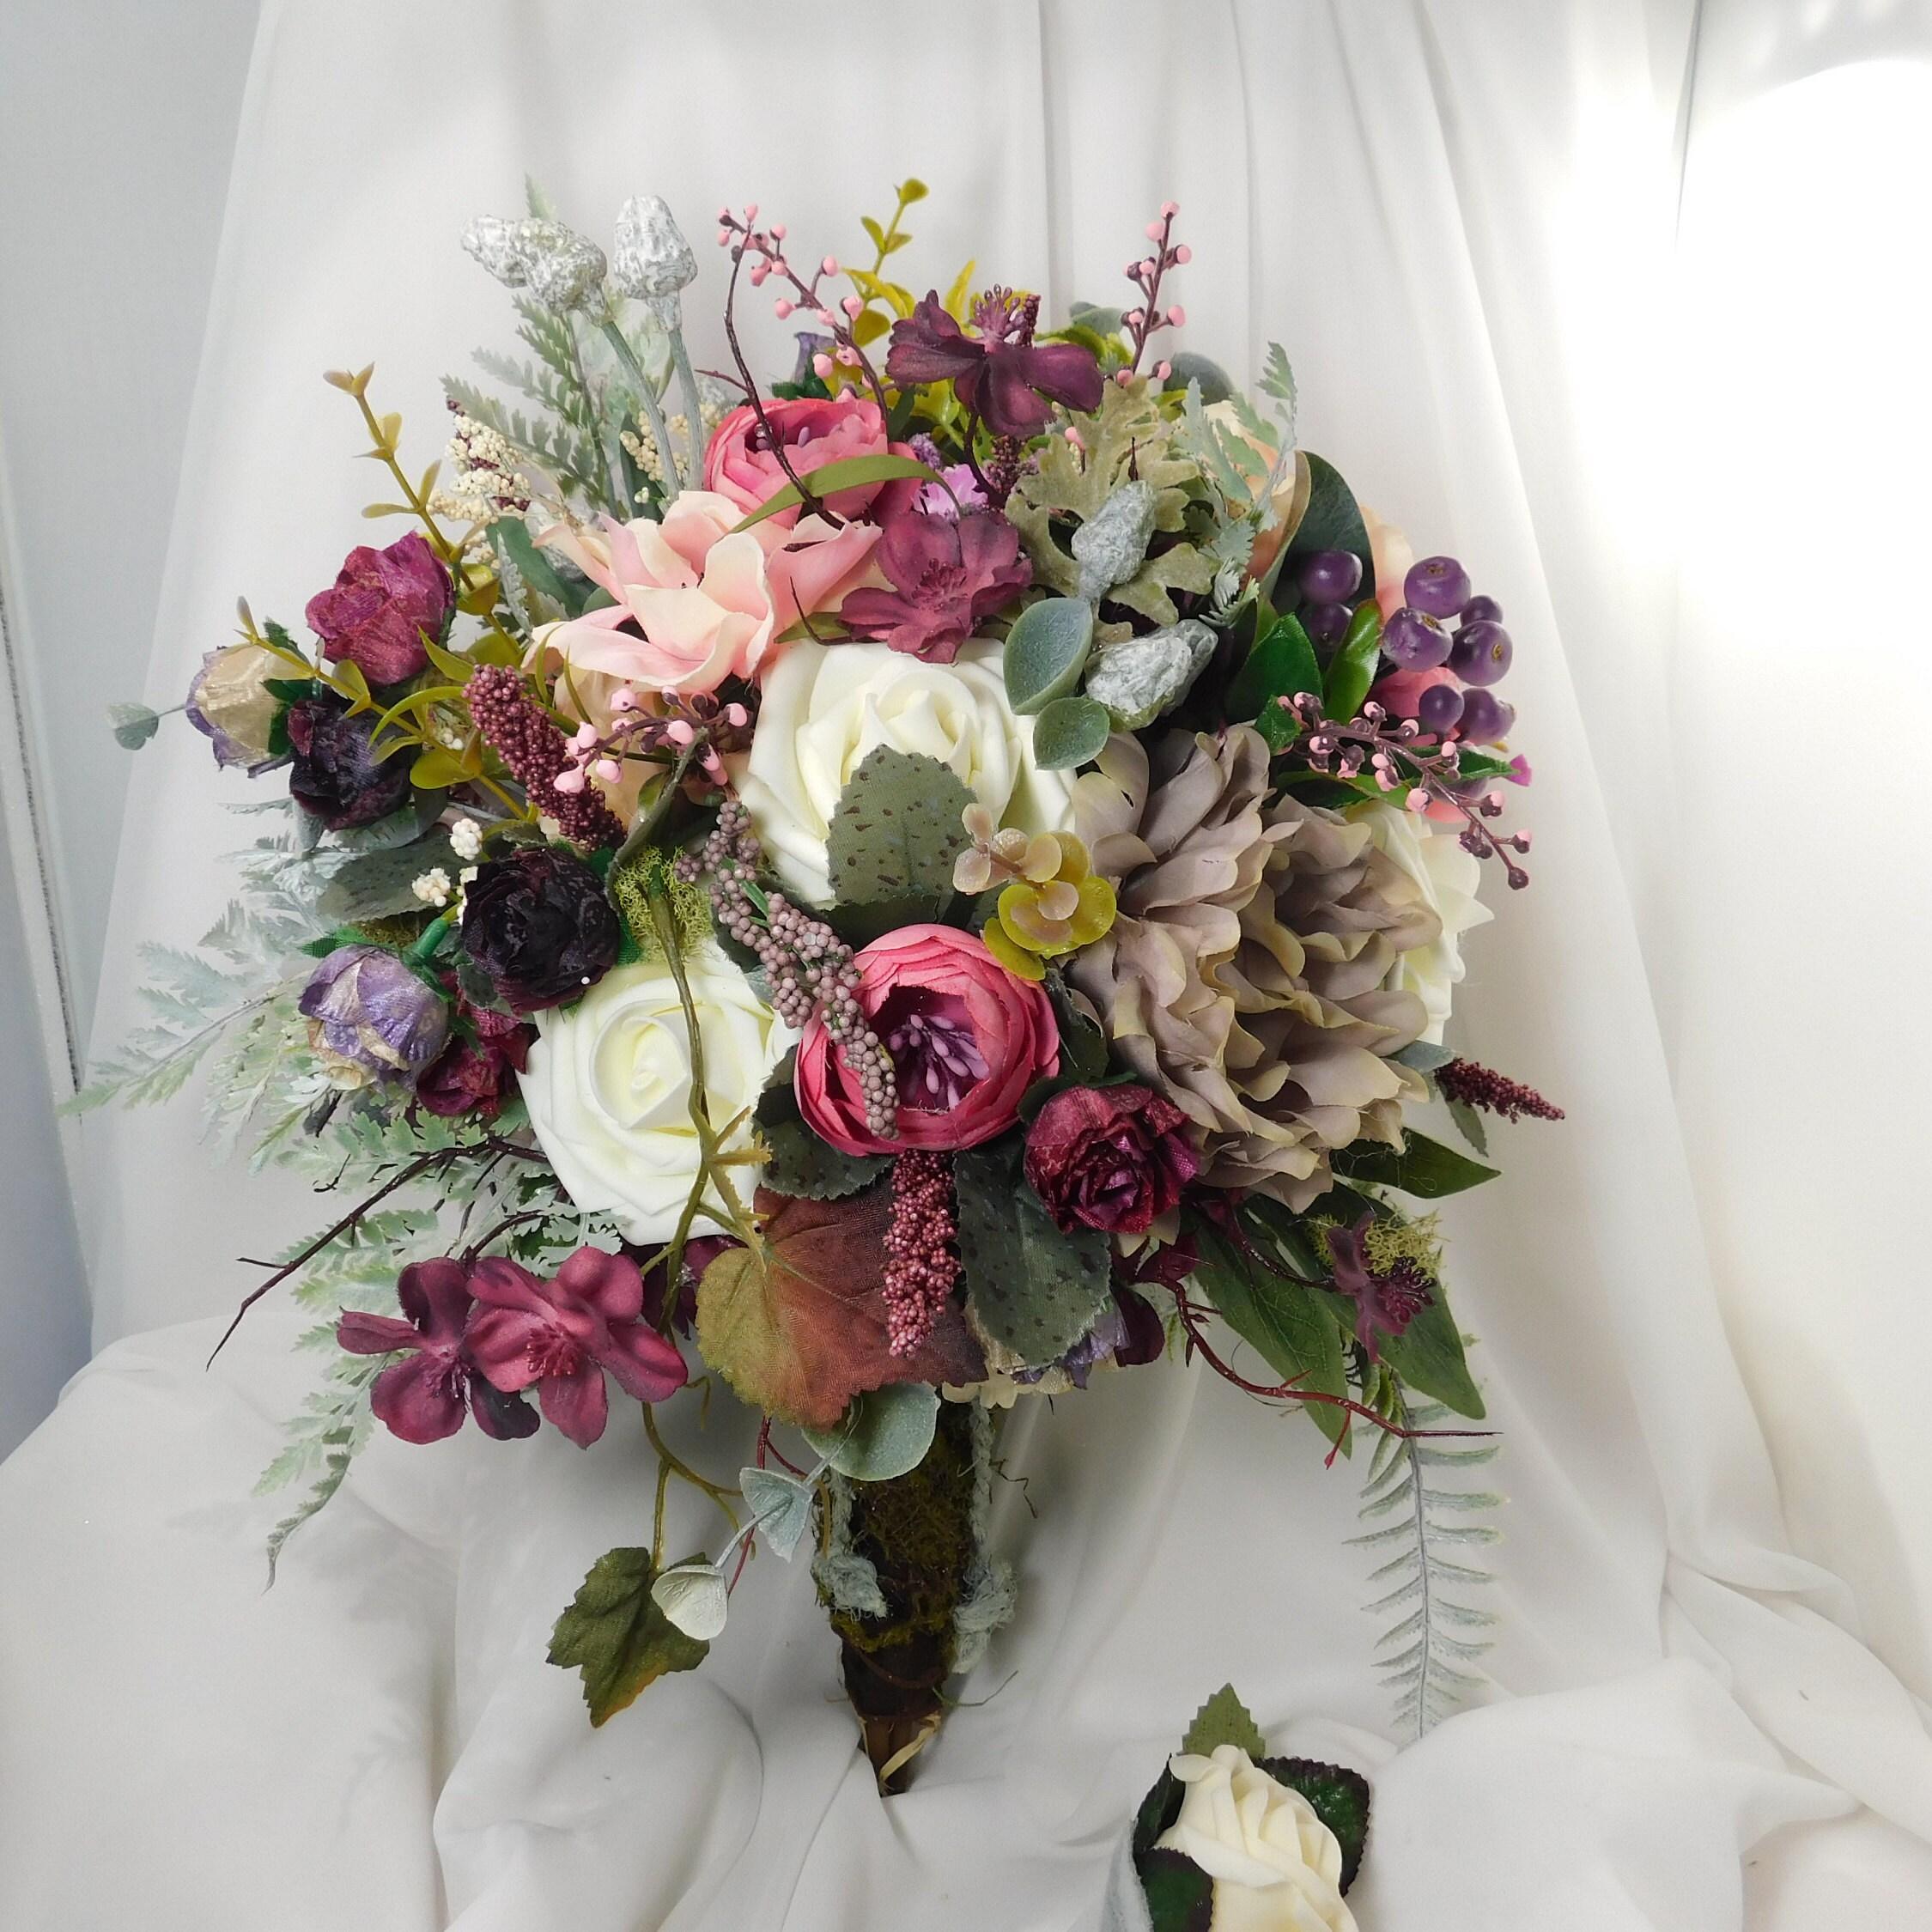 Renaissance Wedding Bridal Bride Bouquet Flowers Ivory Blush Pink Burgundy  Silk Bouquet Woodland Forrest Larp Elvish Viking Wedding Bouquet